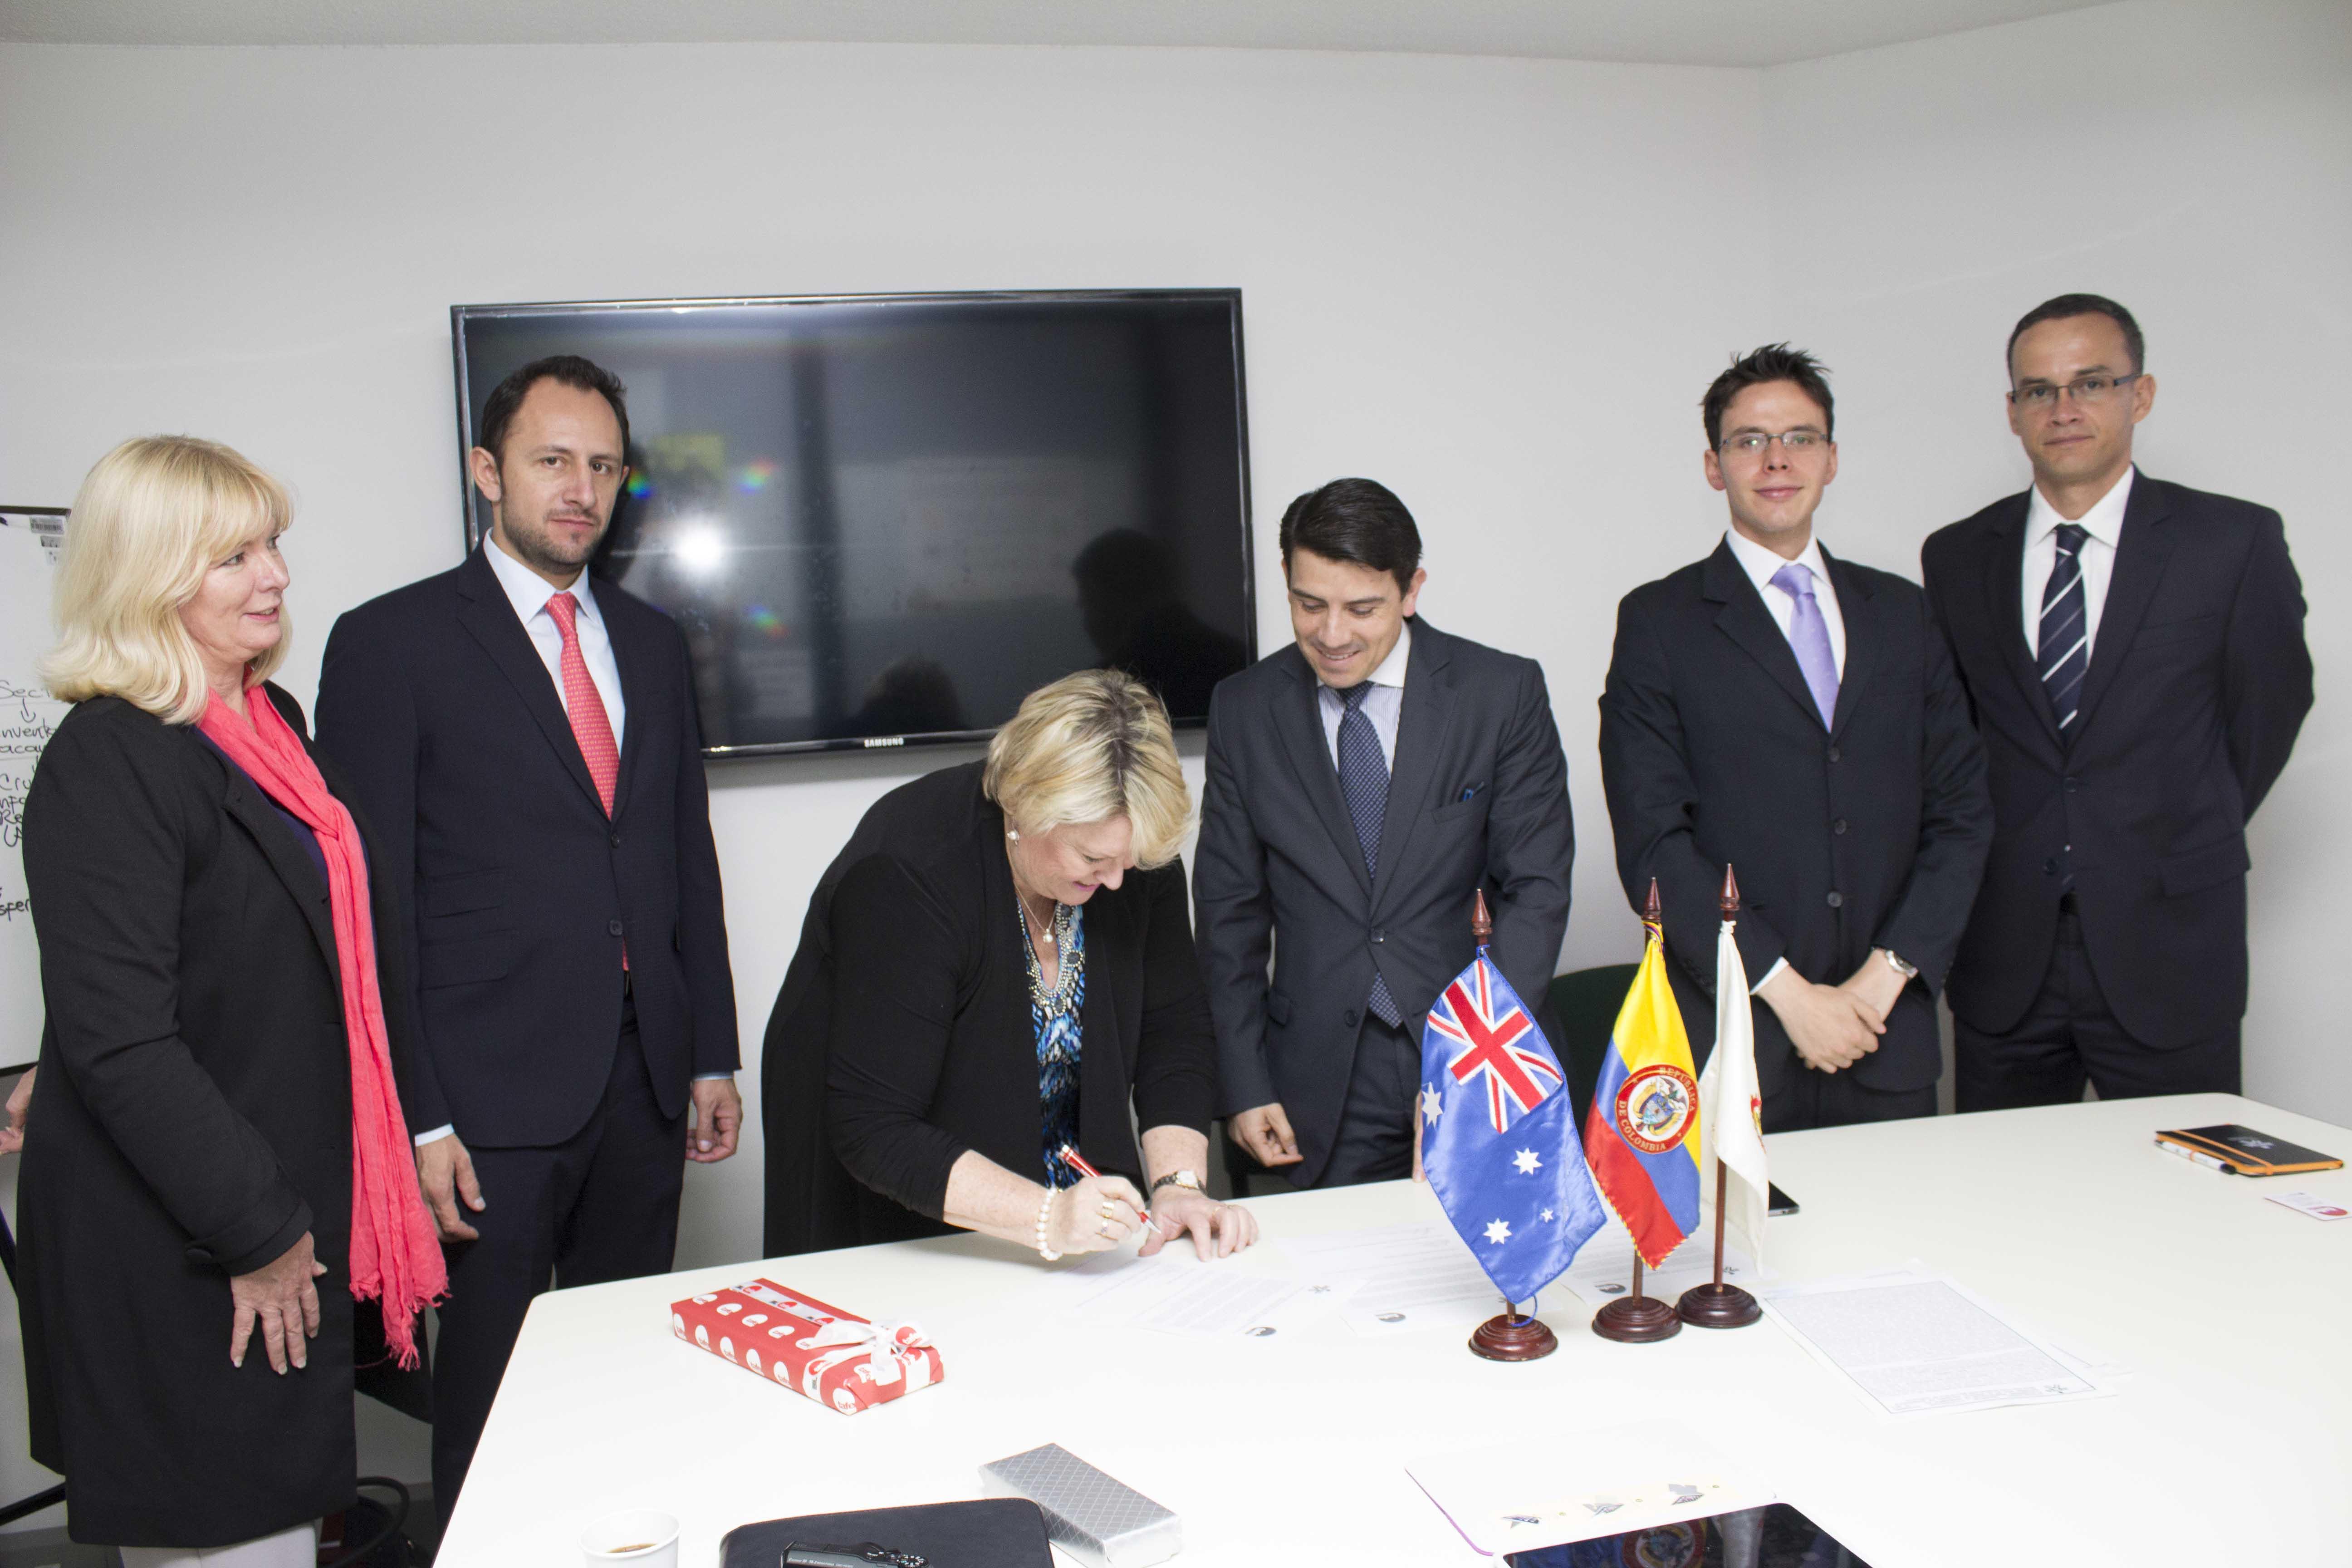 Con el apoyo de la Embajada de Colombia, se firmó el convenio marco de cooperación internacional entre el Sena y Tafe Queensland Skilltech de Australia